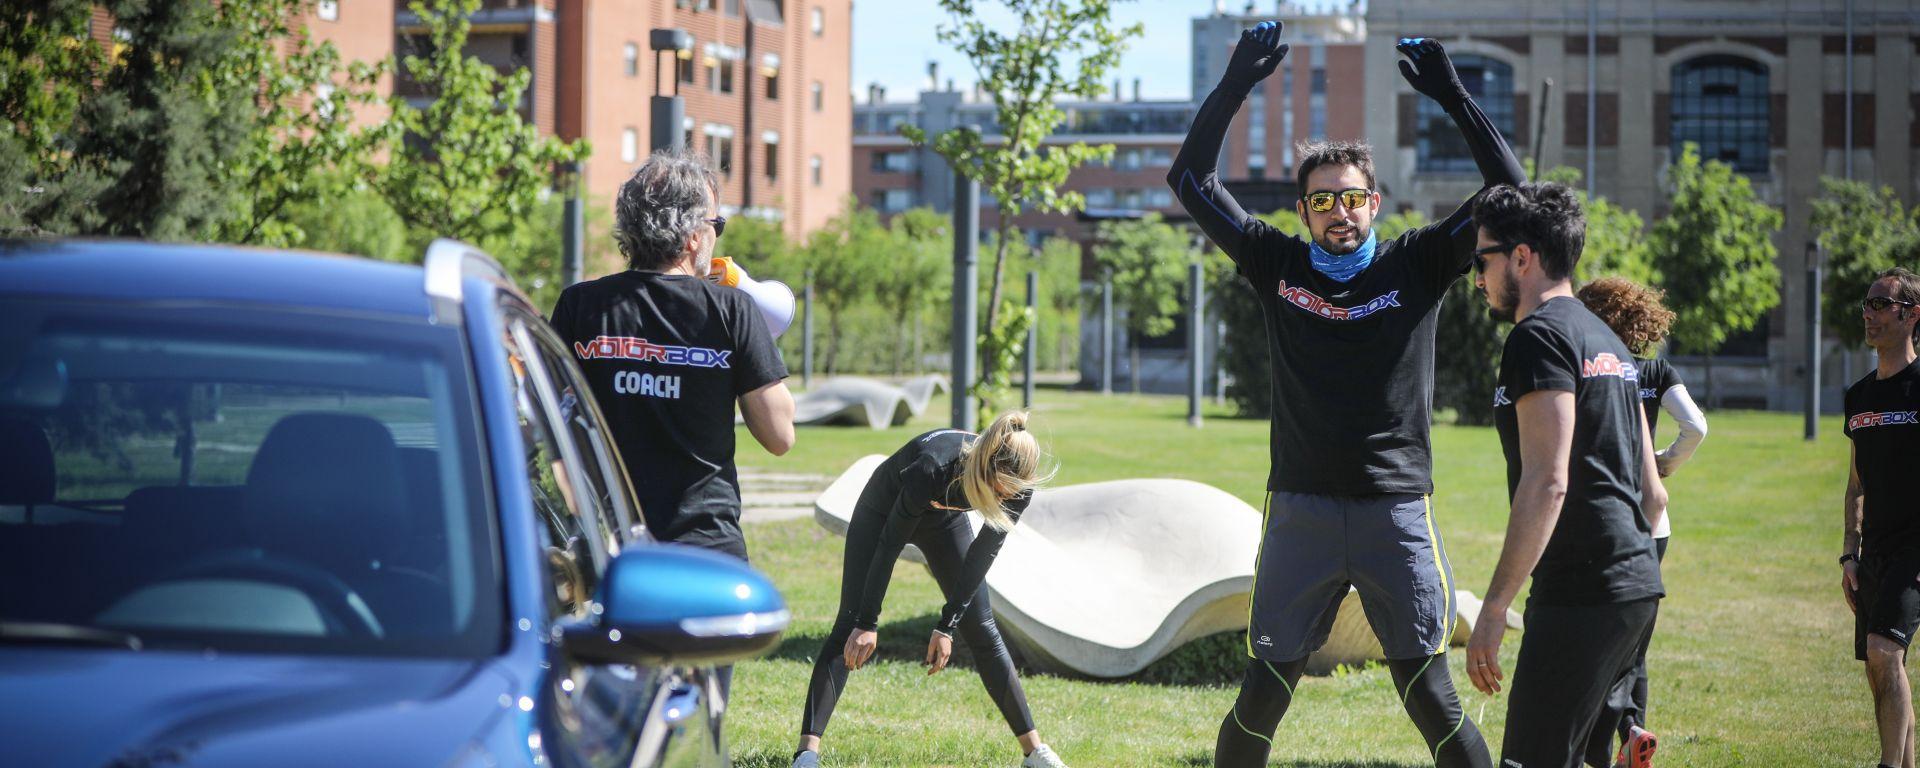 Kia Wings For Life: l'allenamento per la maratona [VIDEO]